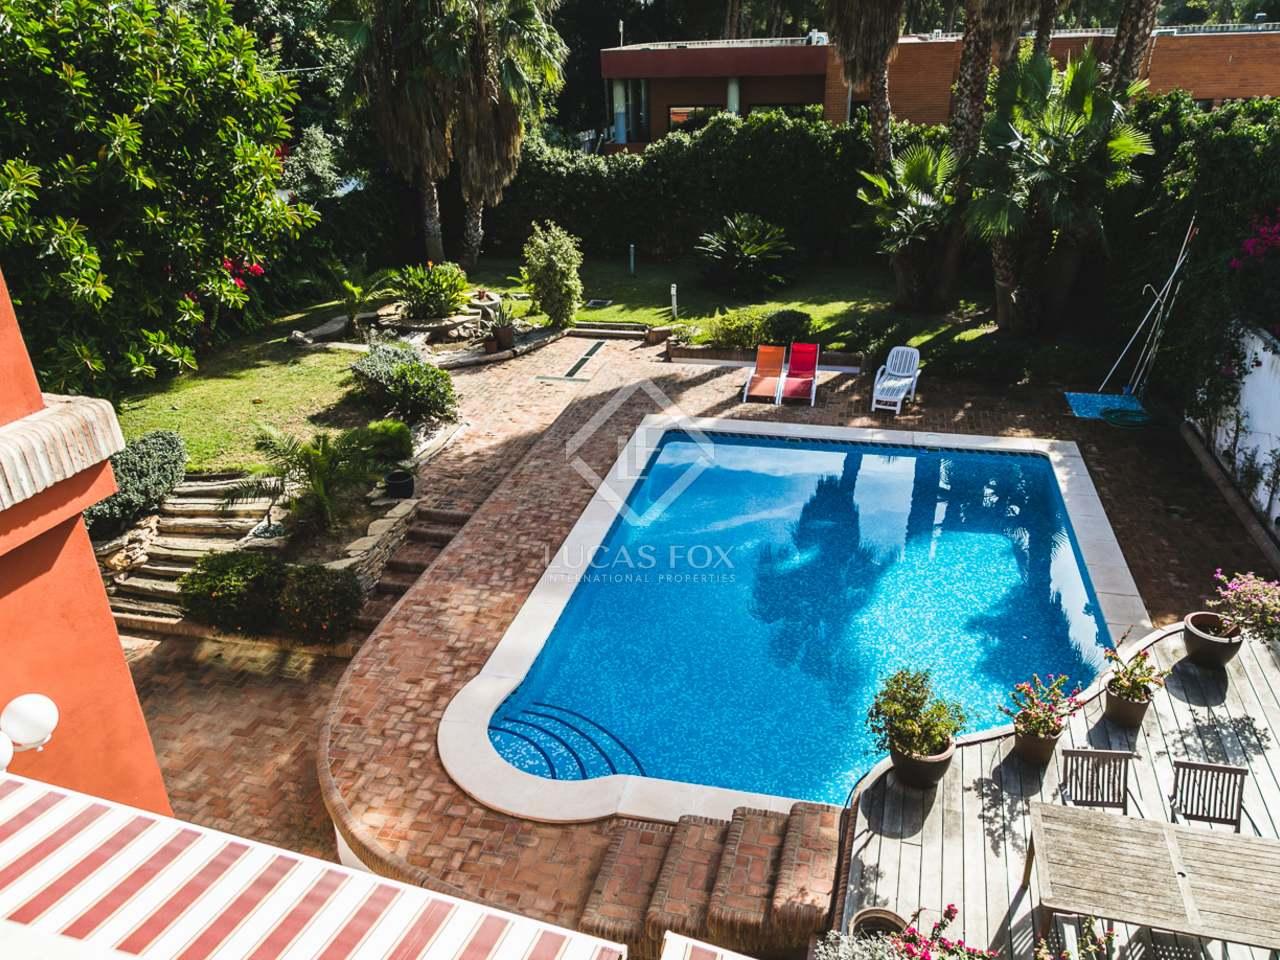 Villa con piscina en alquiler en campolivar valencia for Piscina jardin valencia